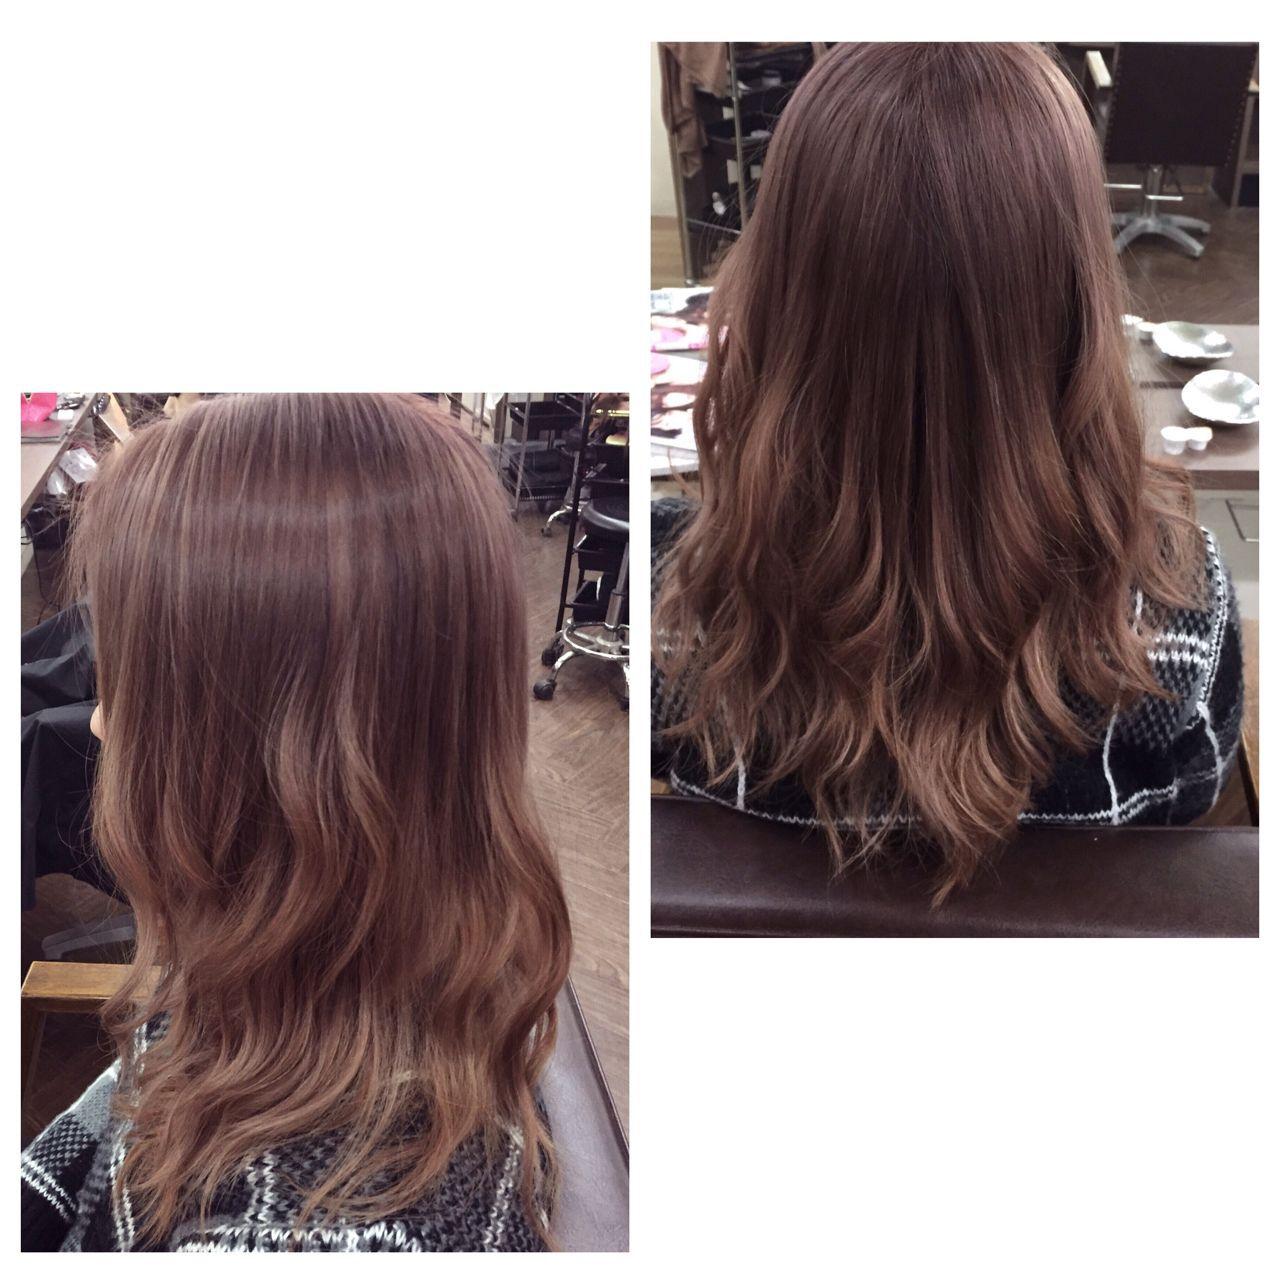 セミロング ガーリー ピンク ストリートヘアスタイルや髪型の写真・画像